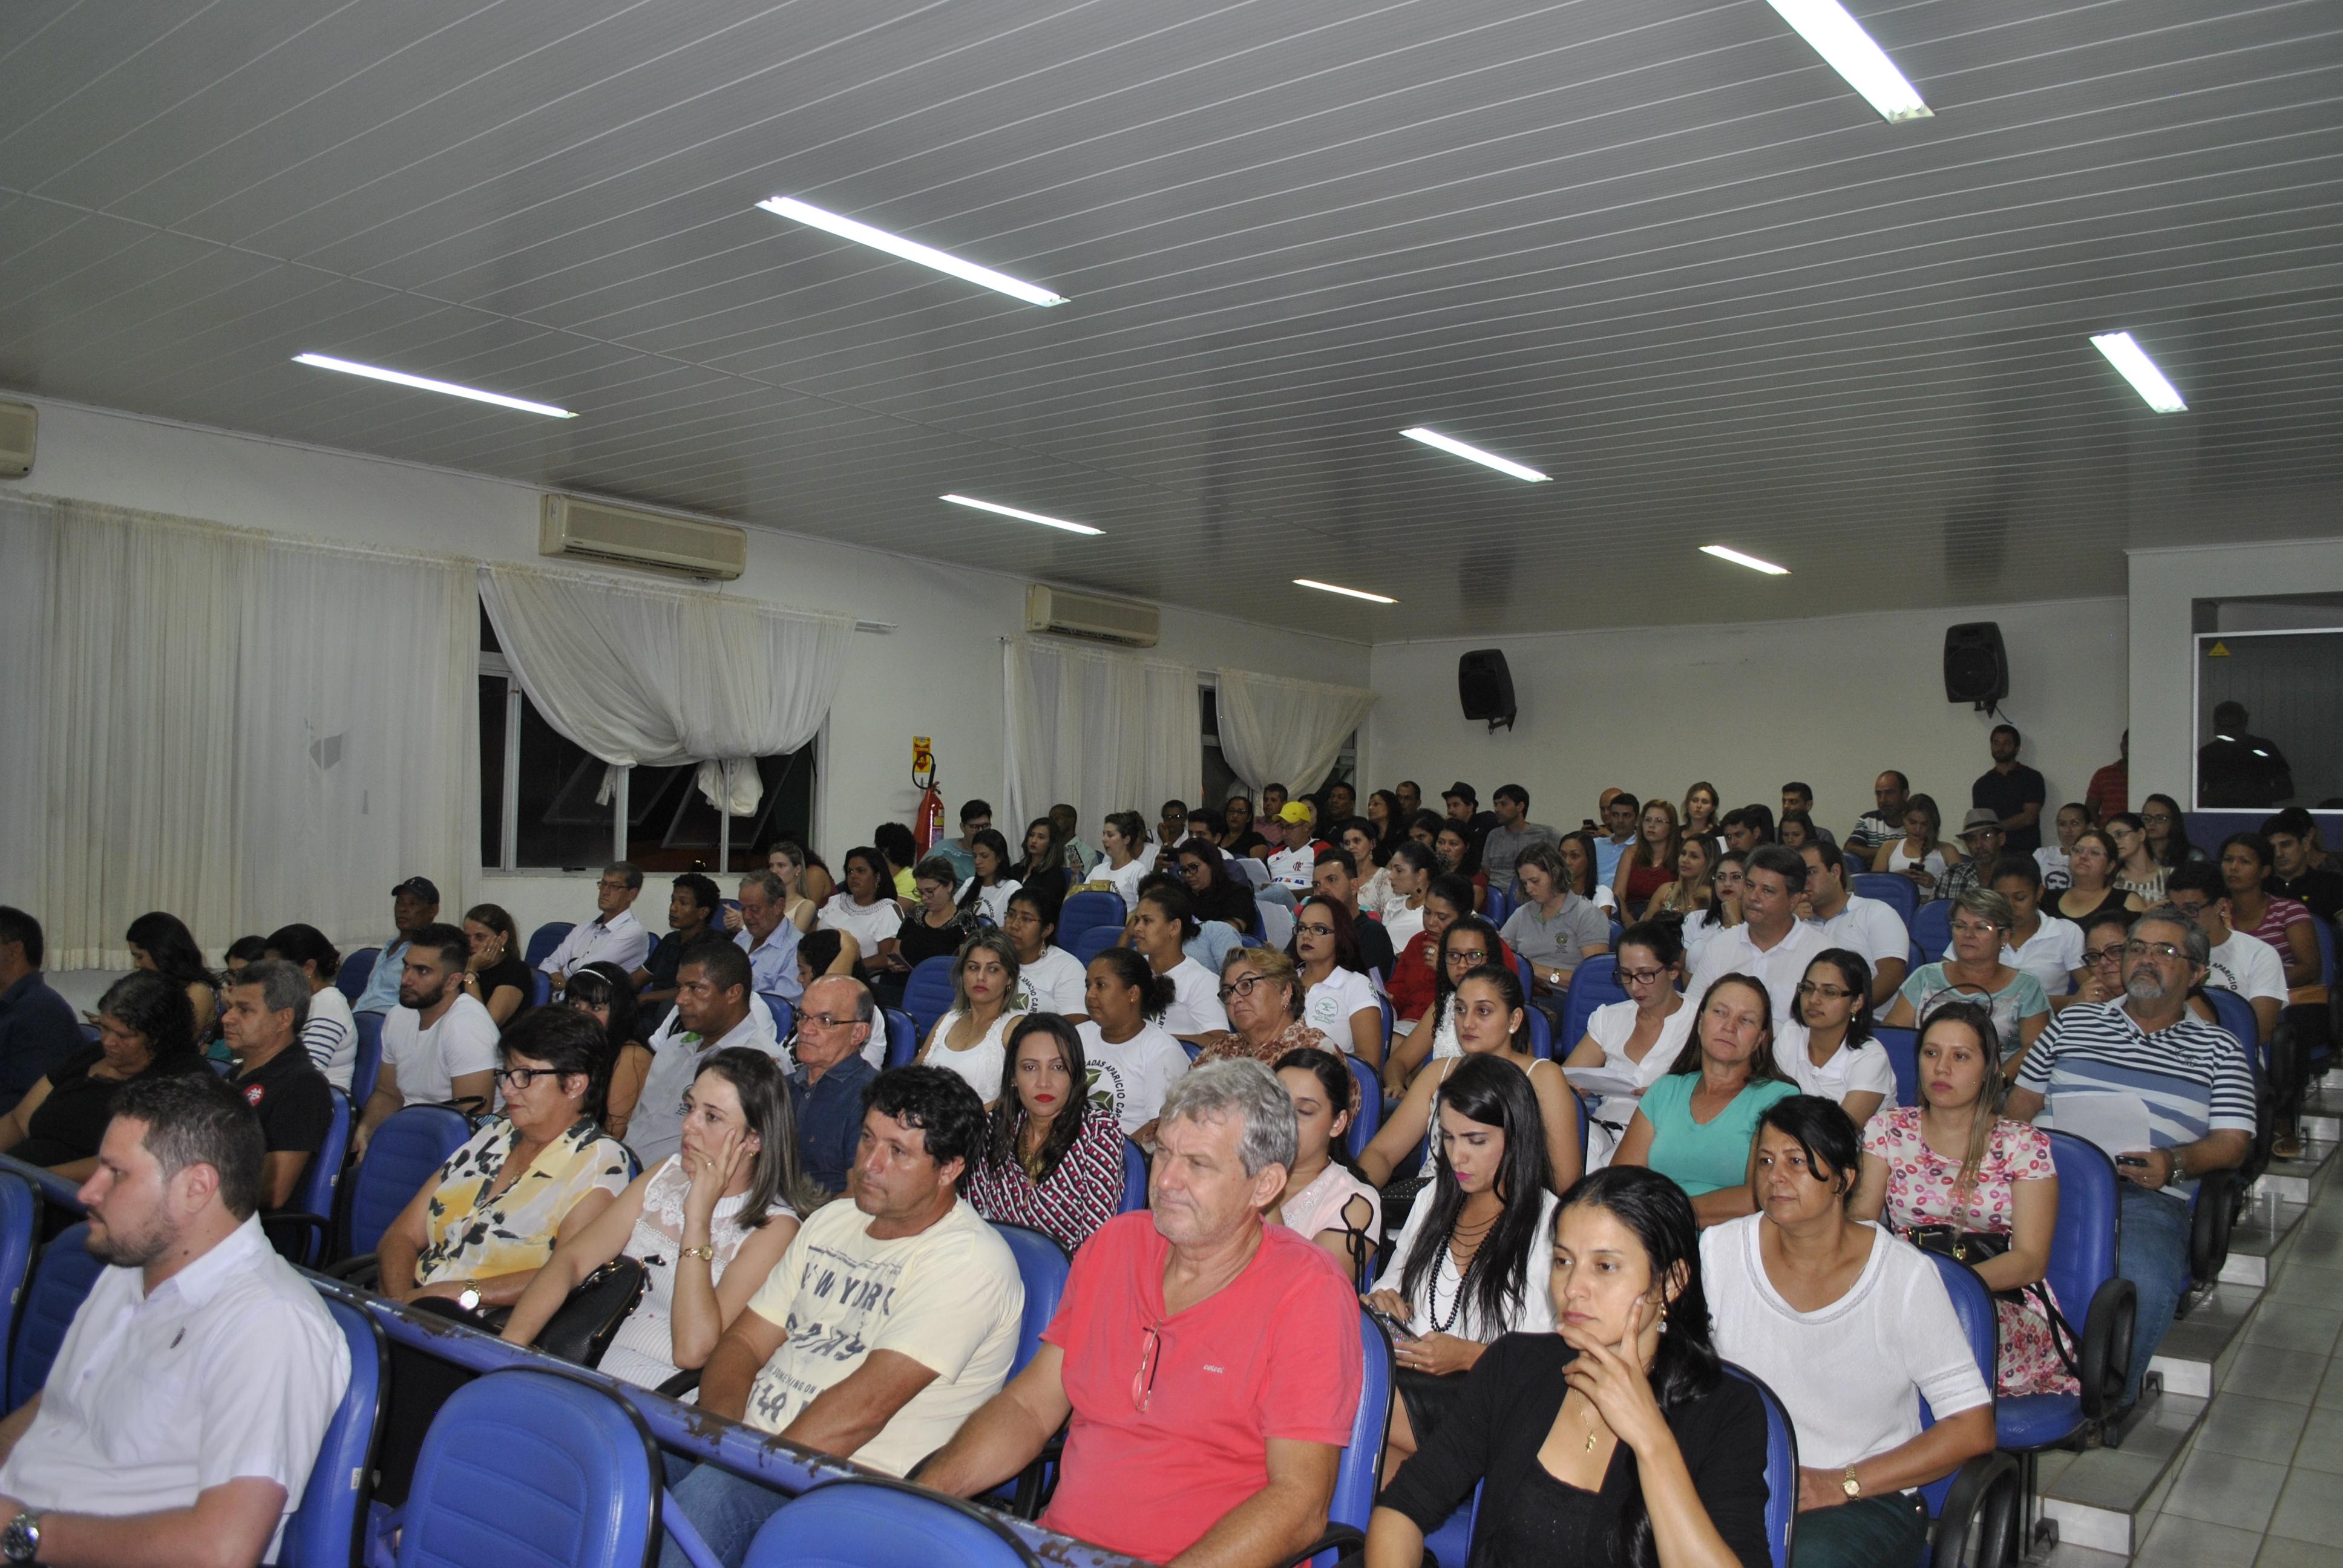 É HOJE: Reunião pública com a prefeita do município acontece nesta quinta na Câmara de Veredores; professores 30 horas estão convidados